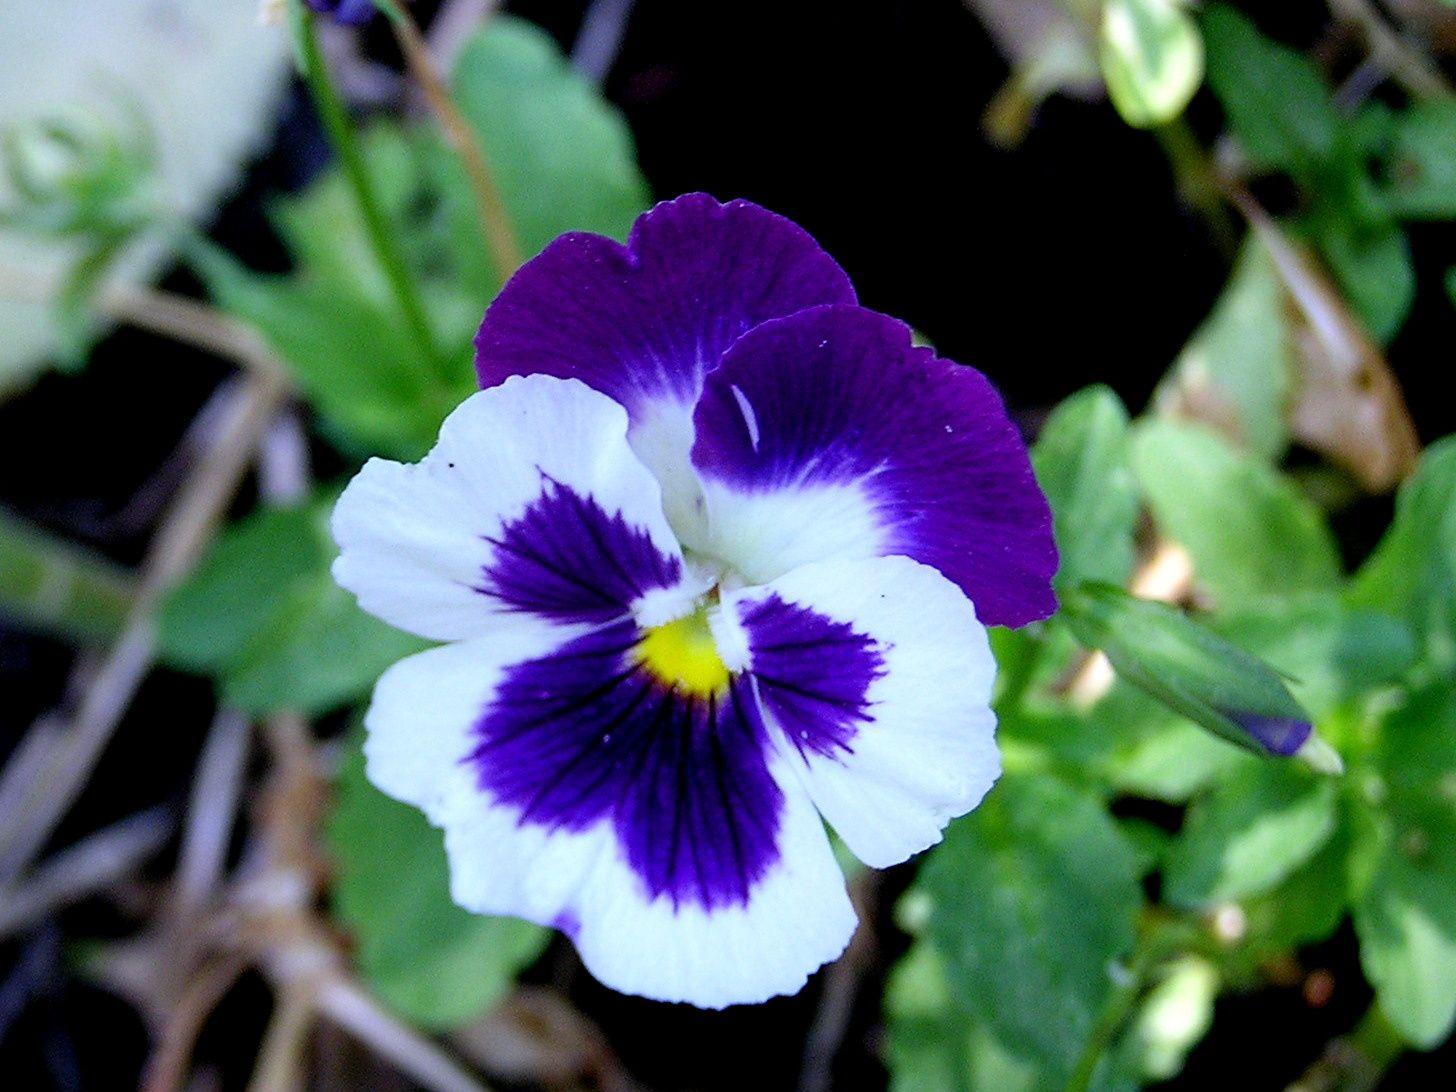 Le pinceau du peintre c'est amusé à déssiner des rayons de lumière qui lui confére cette délicatesse ,les pensées à petites fleurs fleurissent plus longtemps et sont souvent délicieusement parfumées